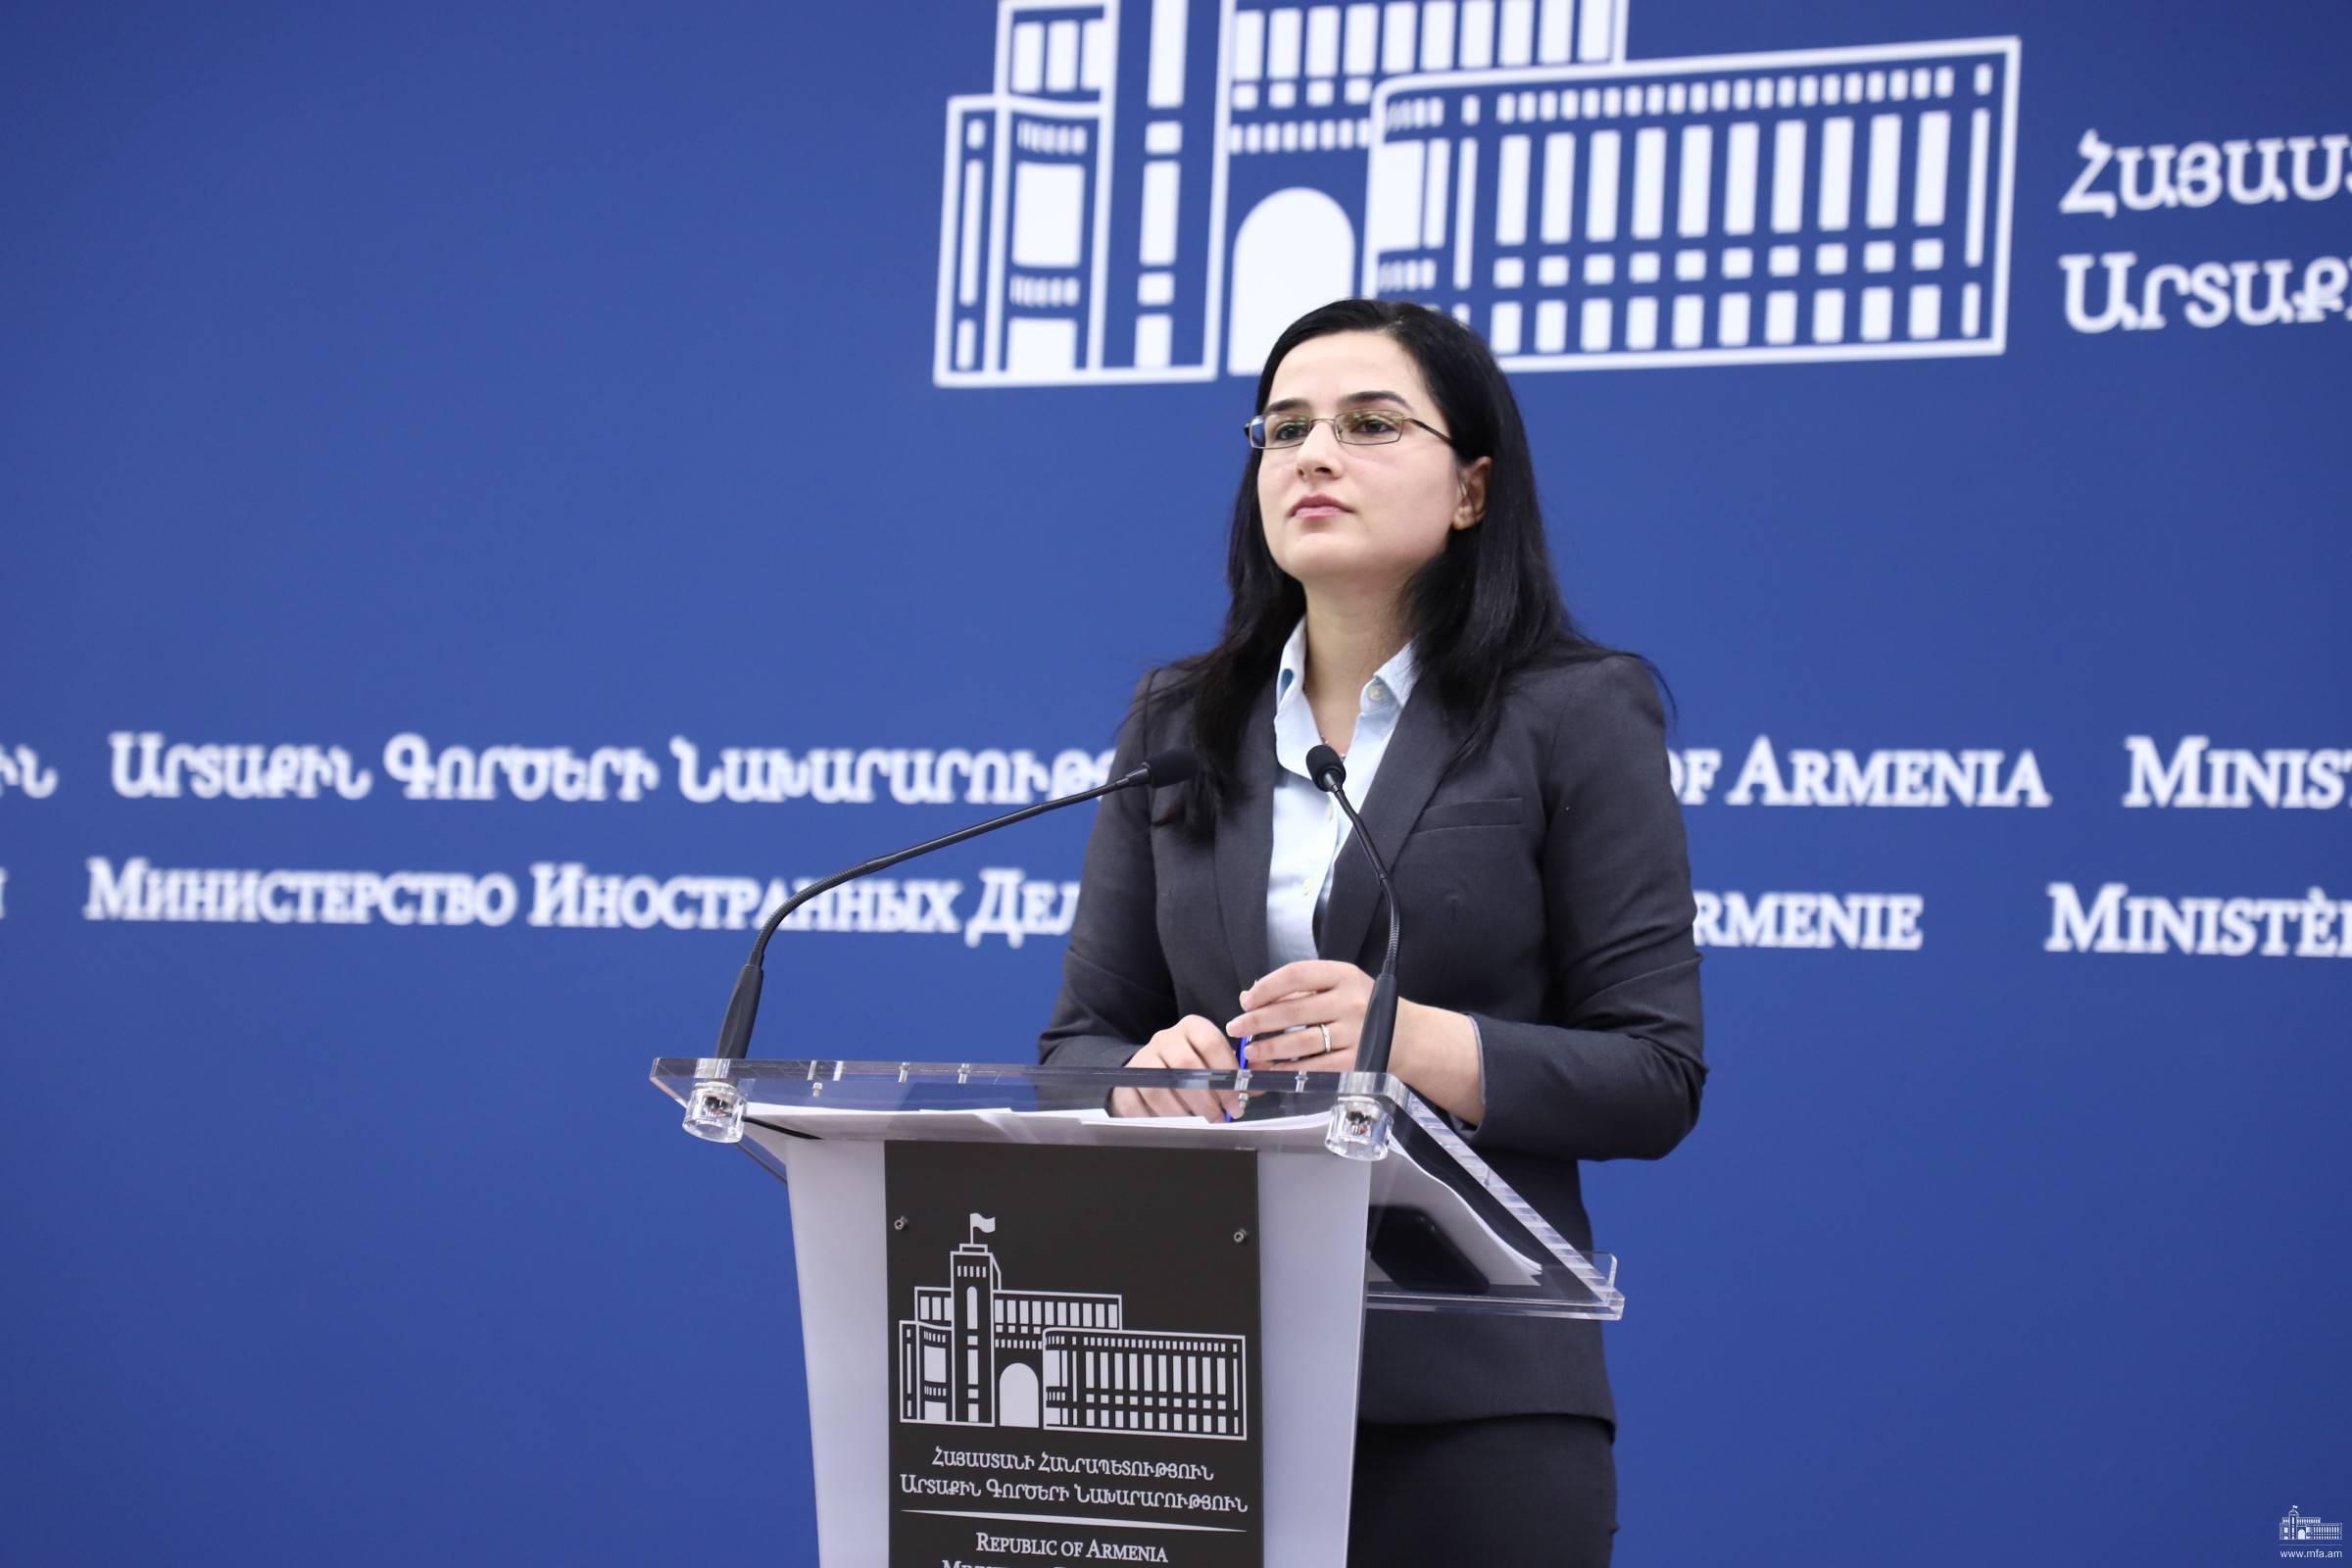 Photo of Комментарий пресс-секретаря МИД  РА по поводу  заявления министра иностранных дел Азербайджана после встречи в Москве